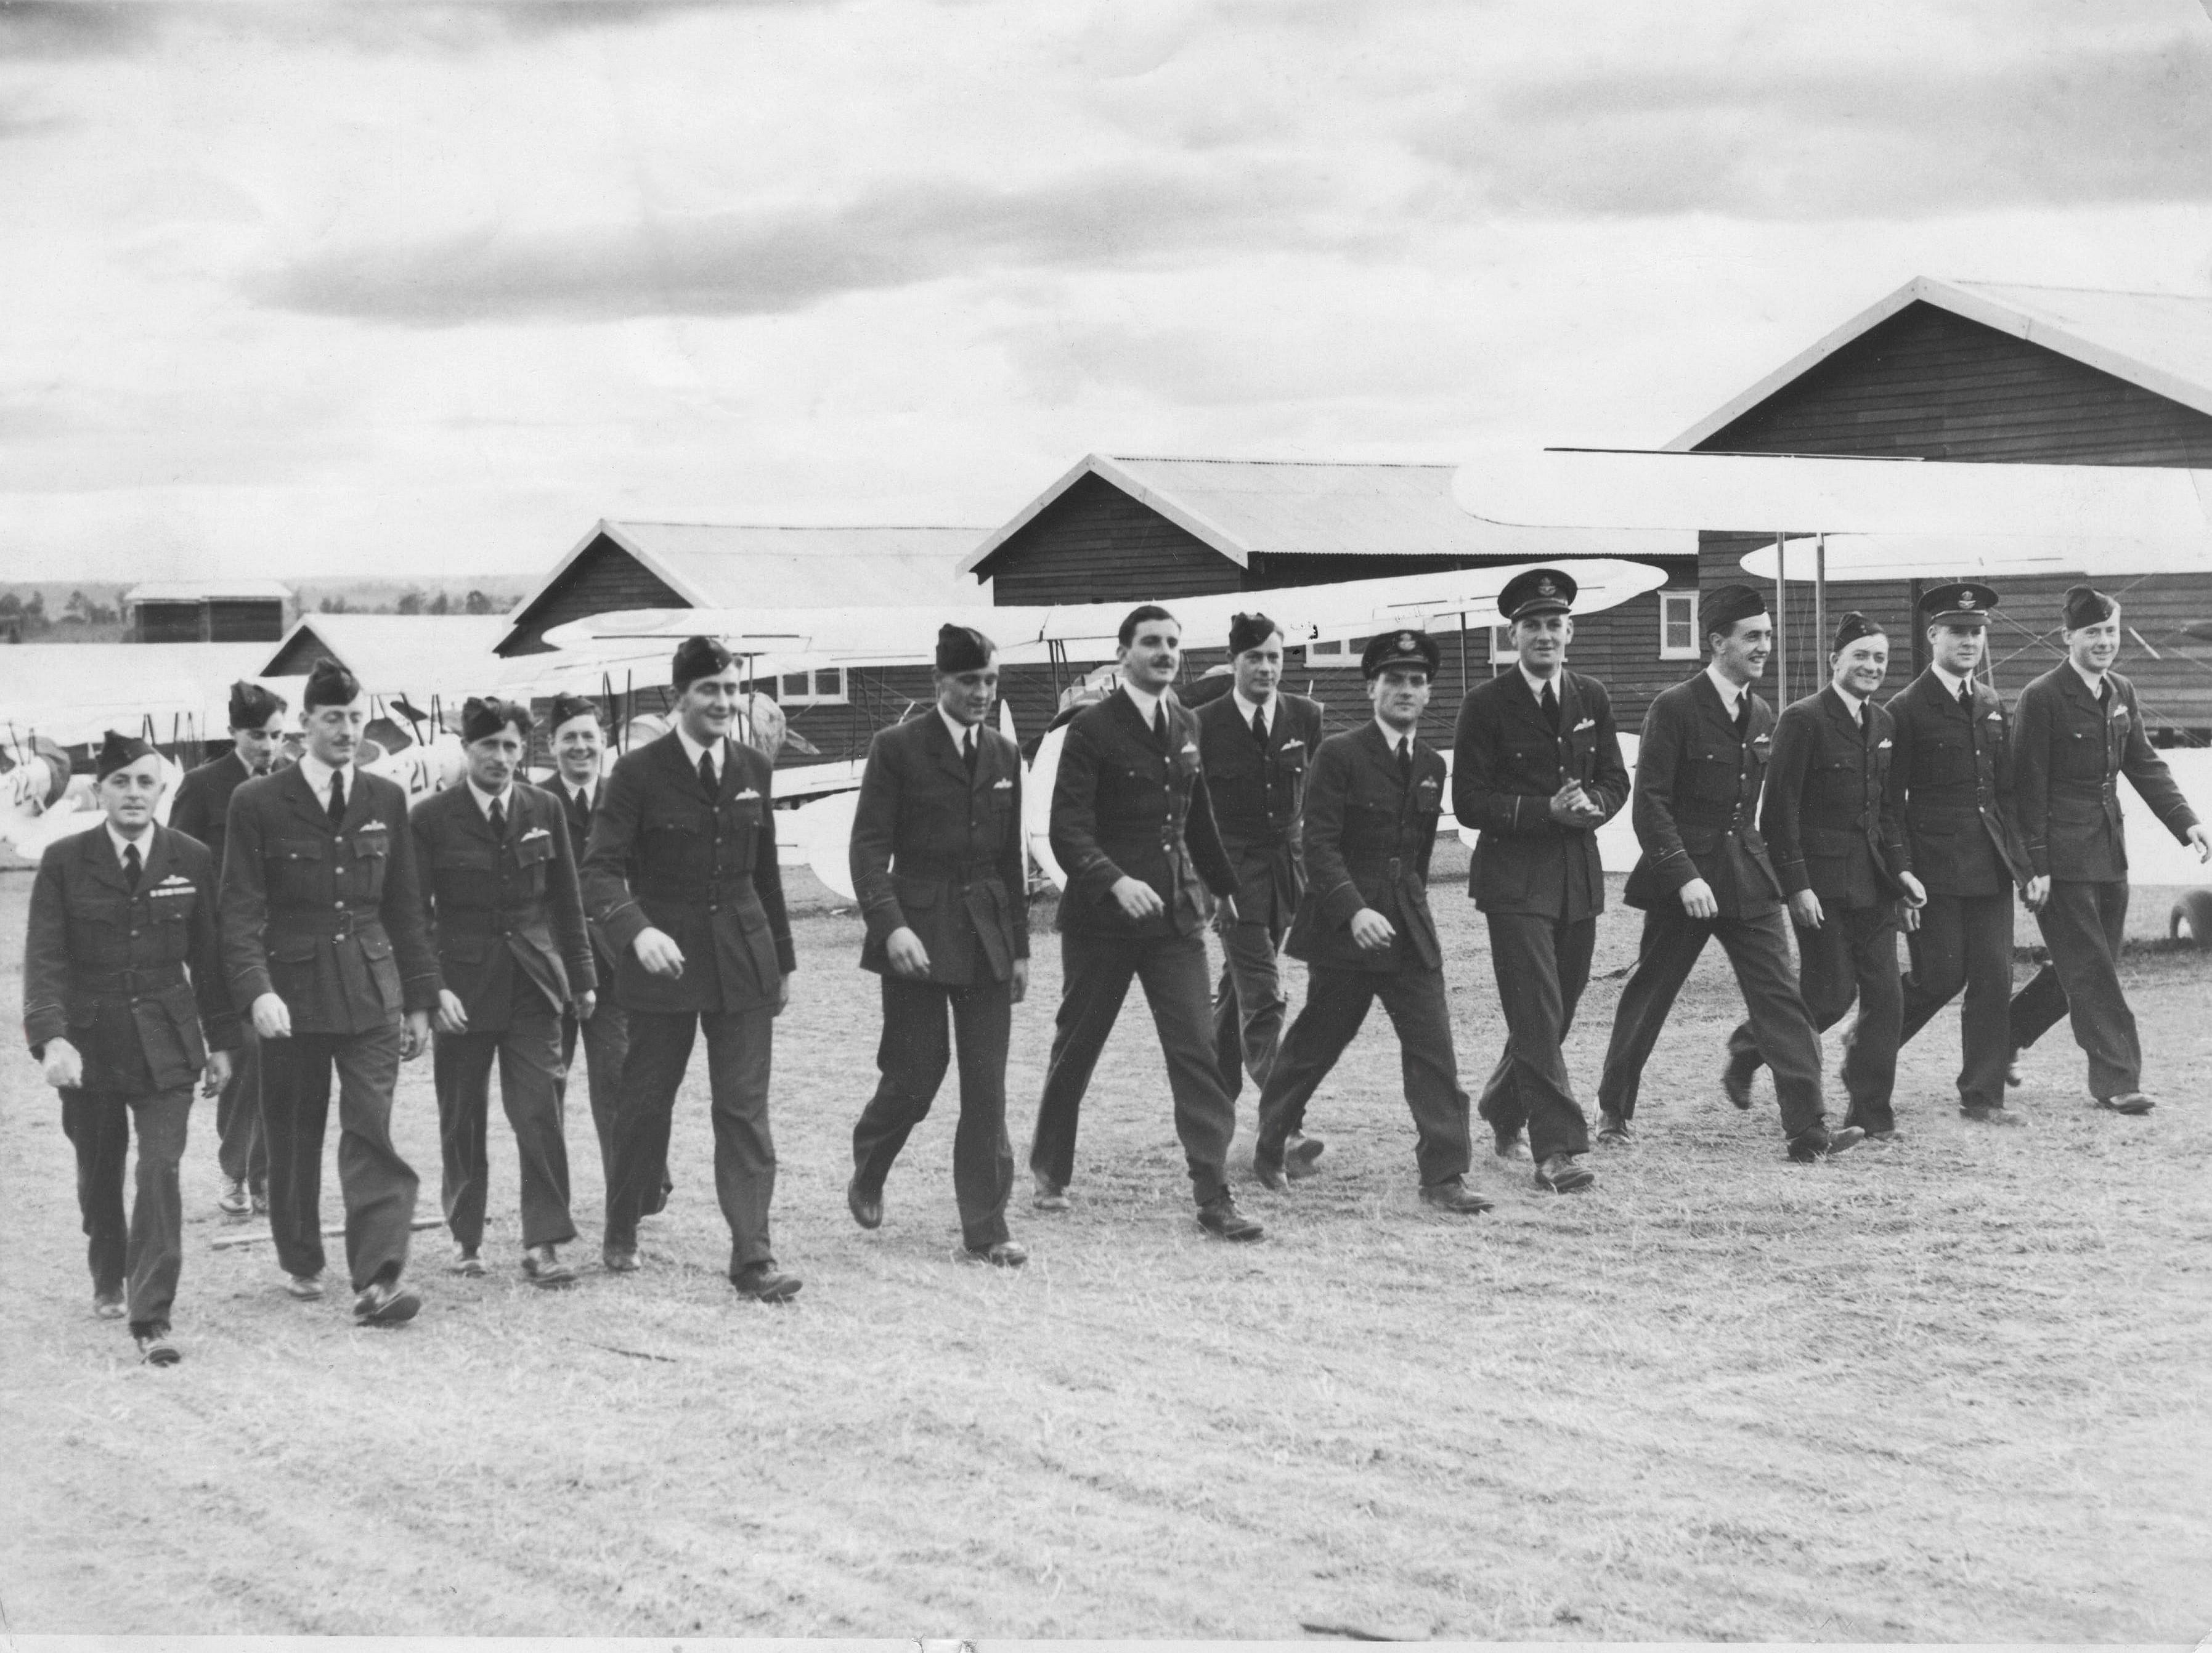 No. 8 Elementary Flying Training School RAAF